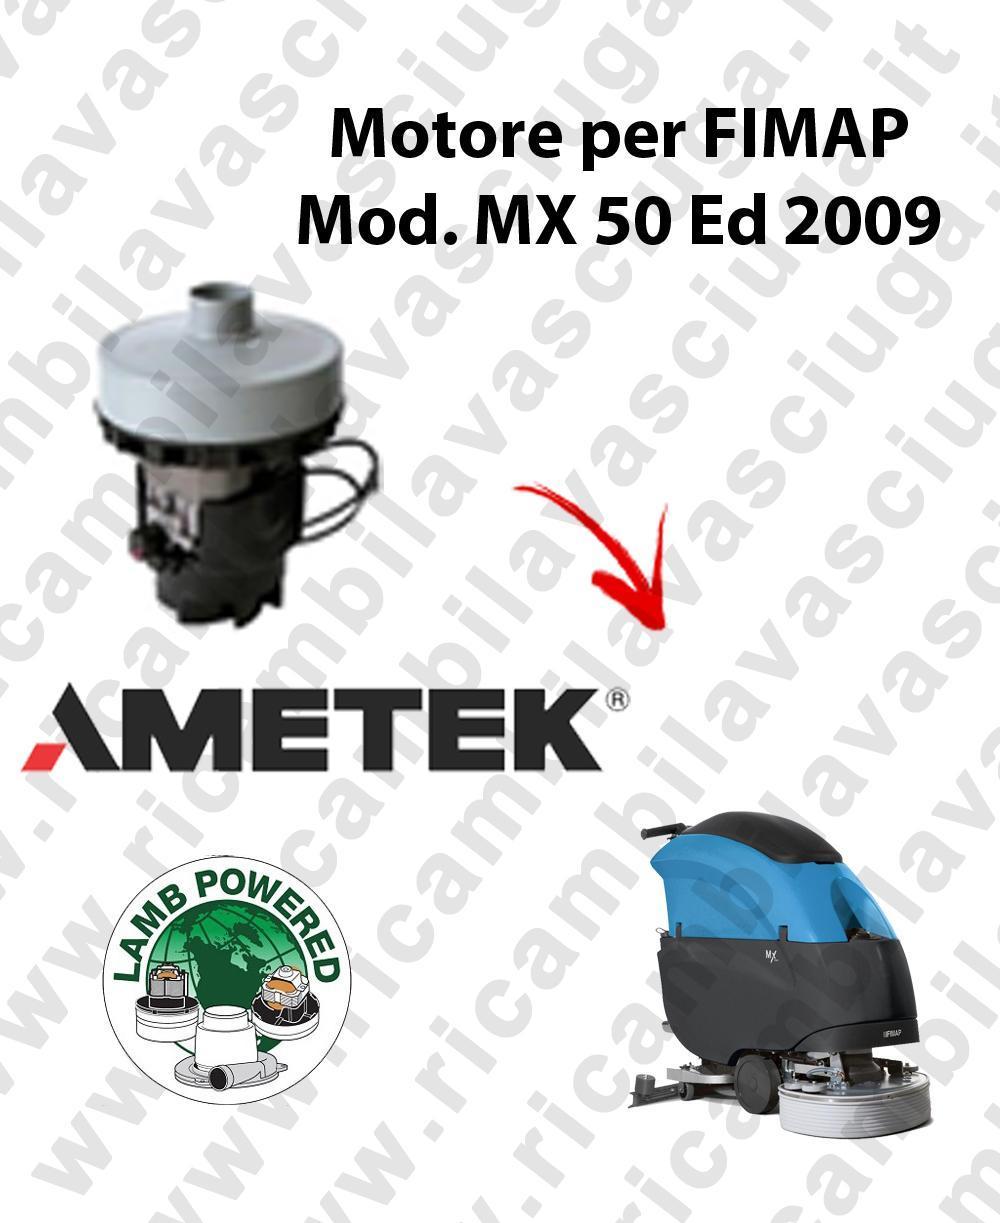 Oreck Air8sd Negative Ion Generator Wiring Diagram Free Download Motor Ametek Vacuum Brushes 2 X Lamb Cleaner Hoover At